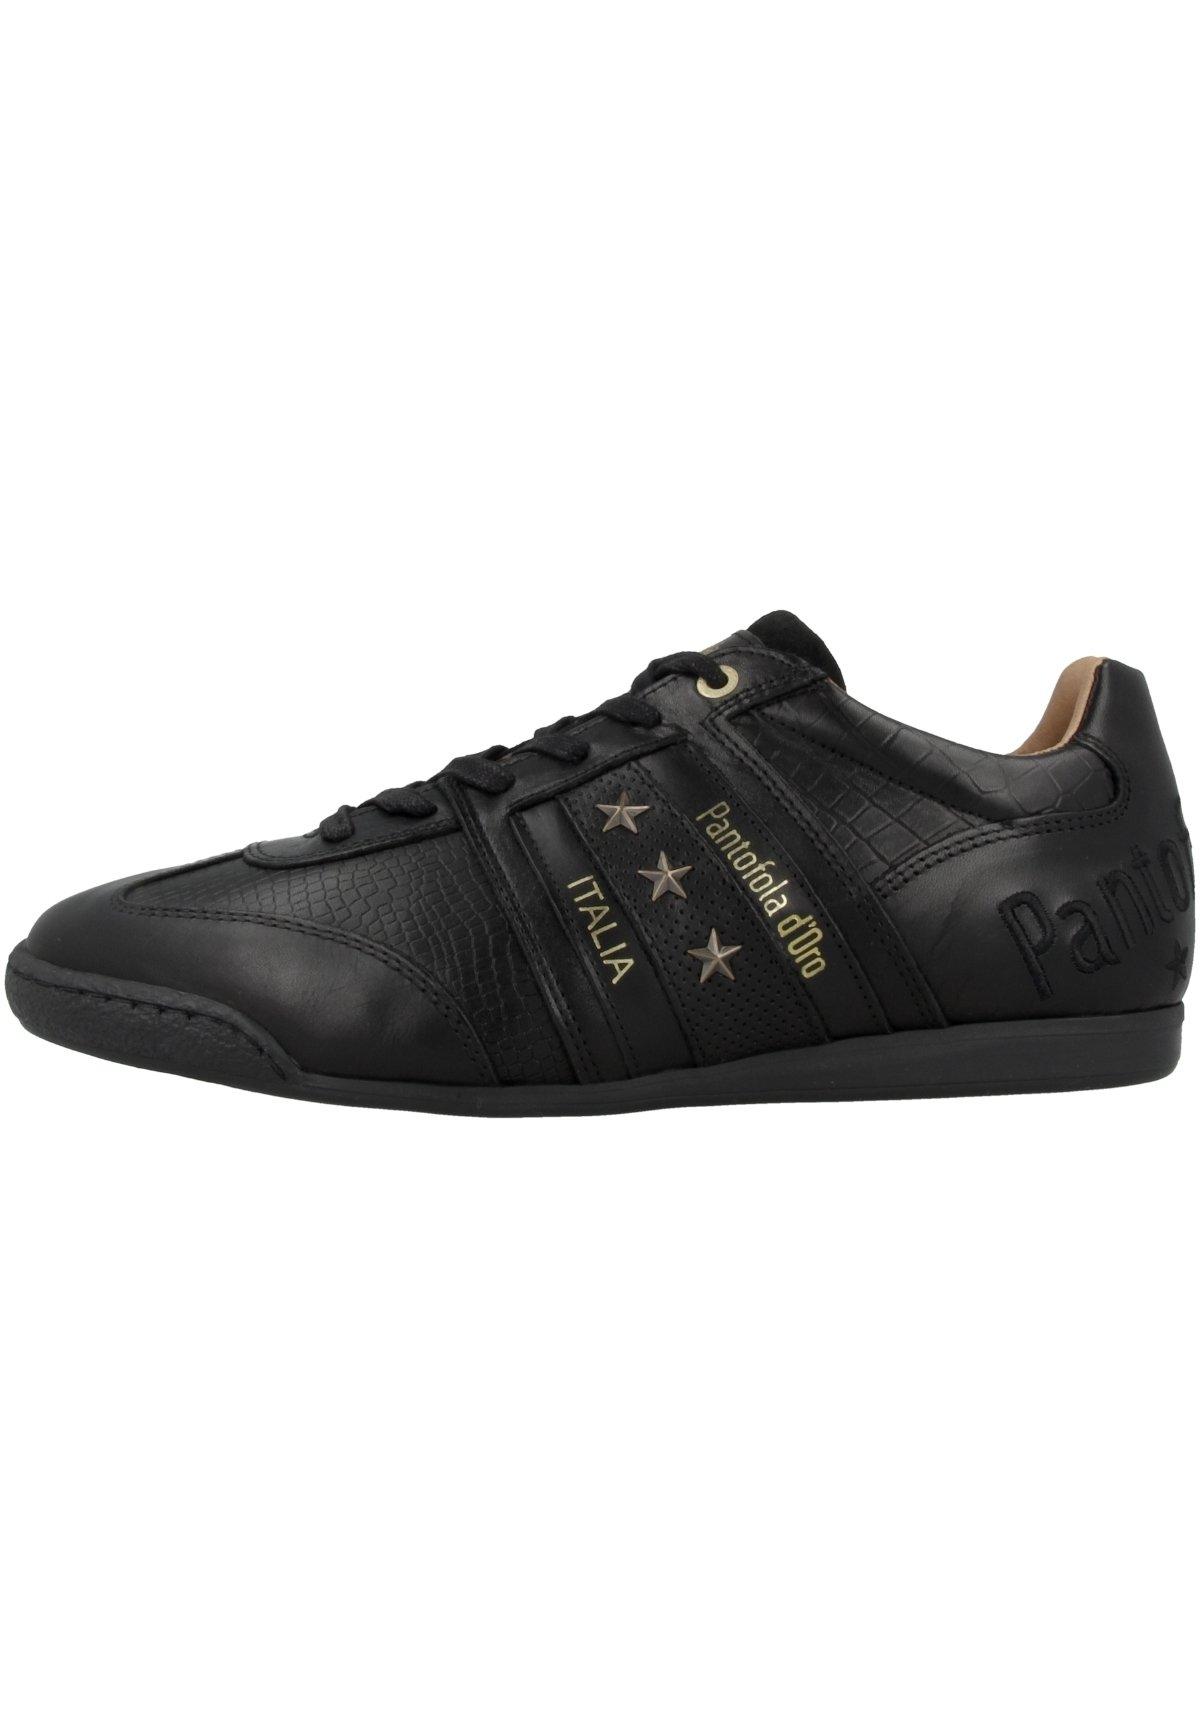 Homme IMOLA  - Chaussures à lacets - triple black